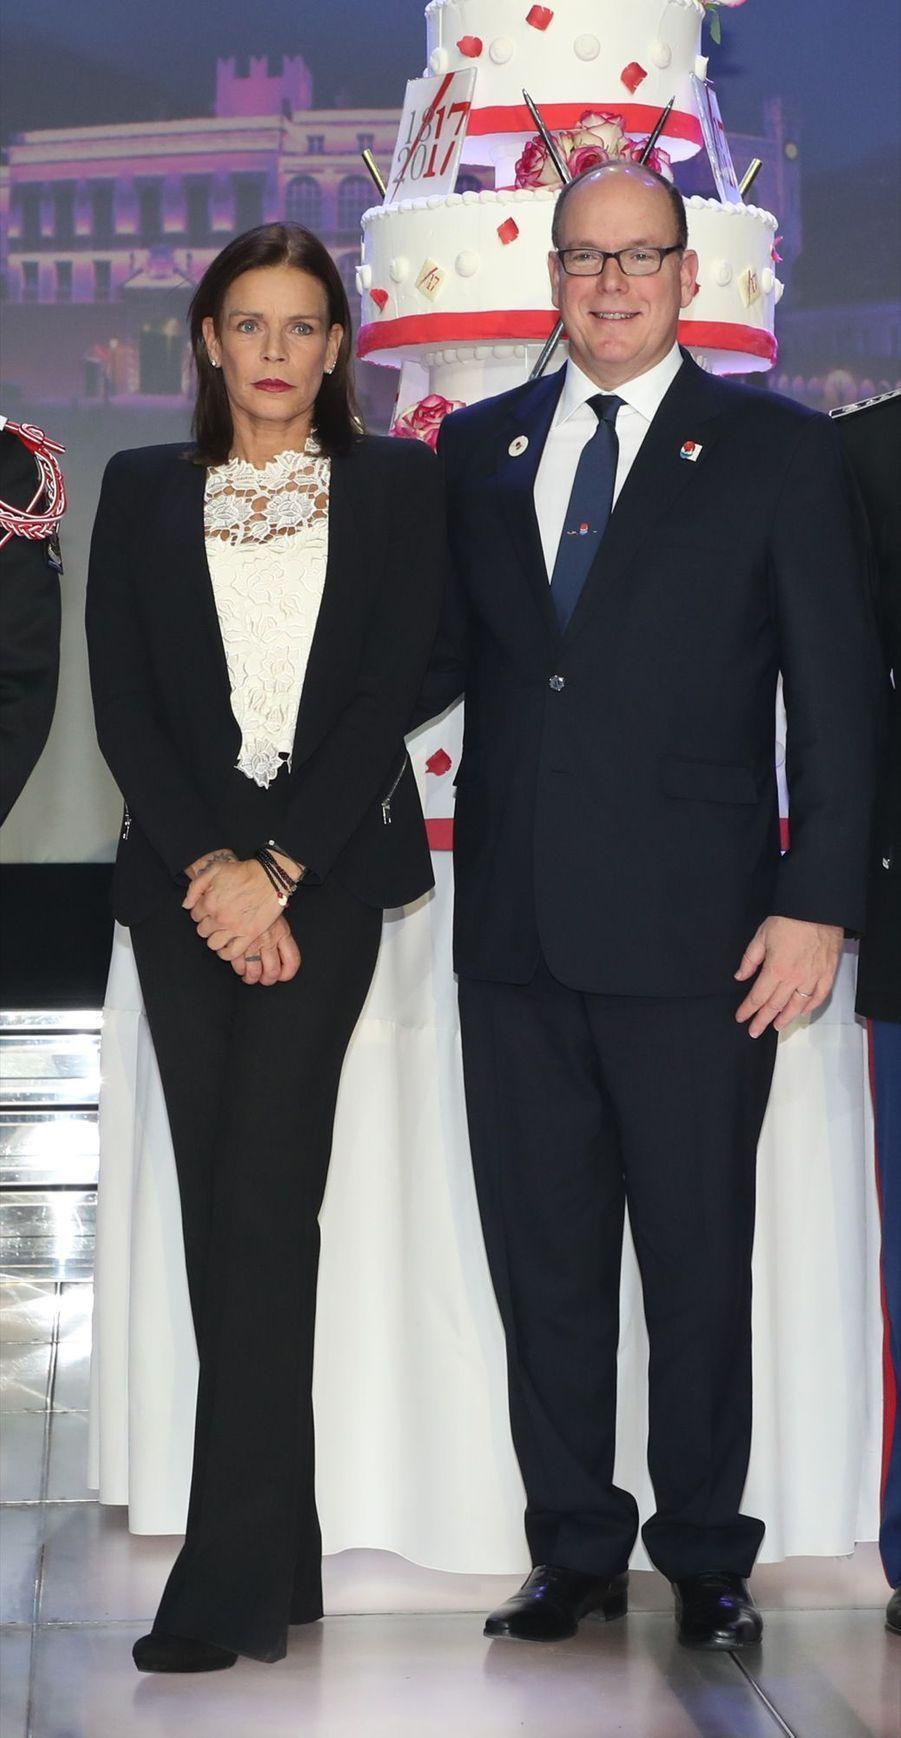 Le Prince Albert, Stéphanie De Monaco Et Louis Ducruet Au Bicentenaire Des Carabiniers 5